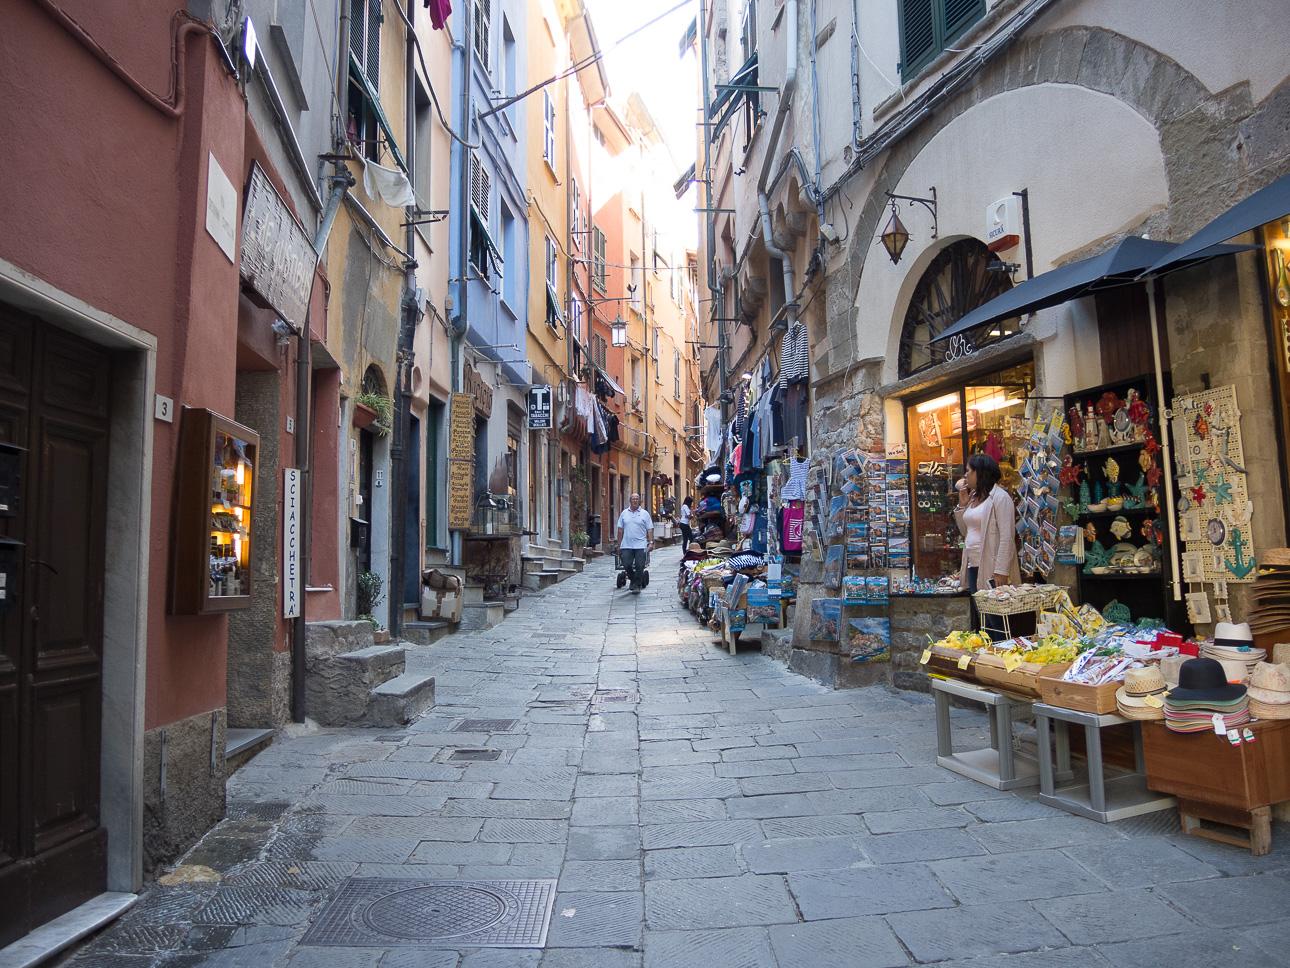 Fotokurse Ligurien Cinque Terre Fotolocation 9888